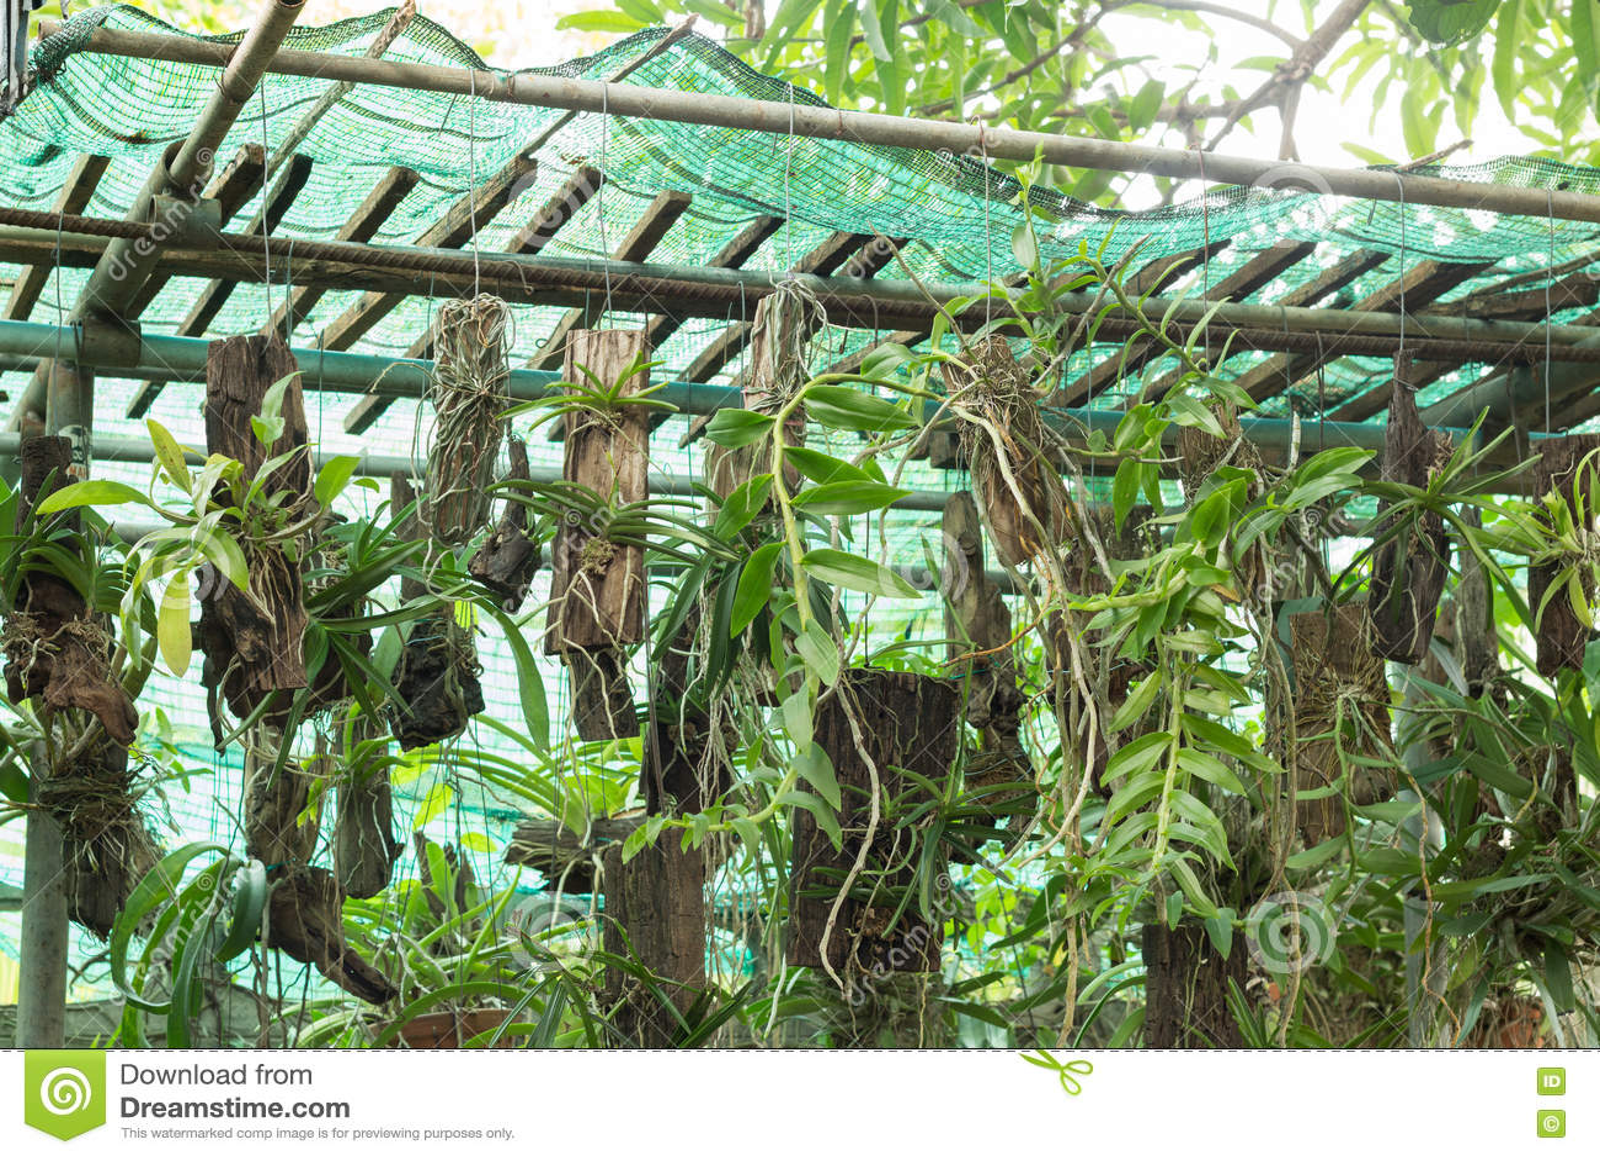 beaucoup type de fleurs d 39 orchid e photo stock image du floral vous 70774092. Black Bedroom Furniture Sets. Home Design Ideas